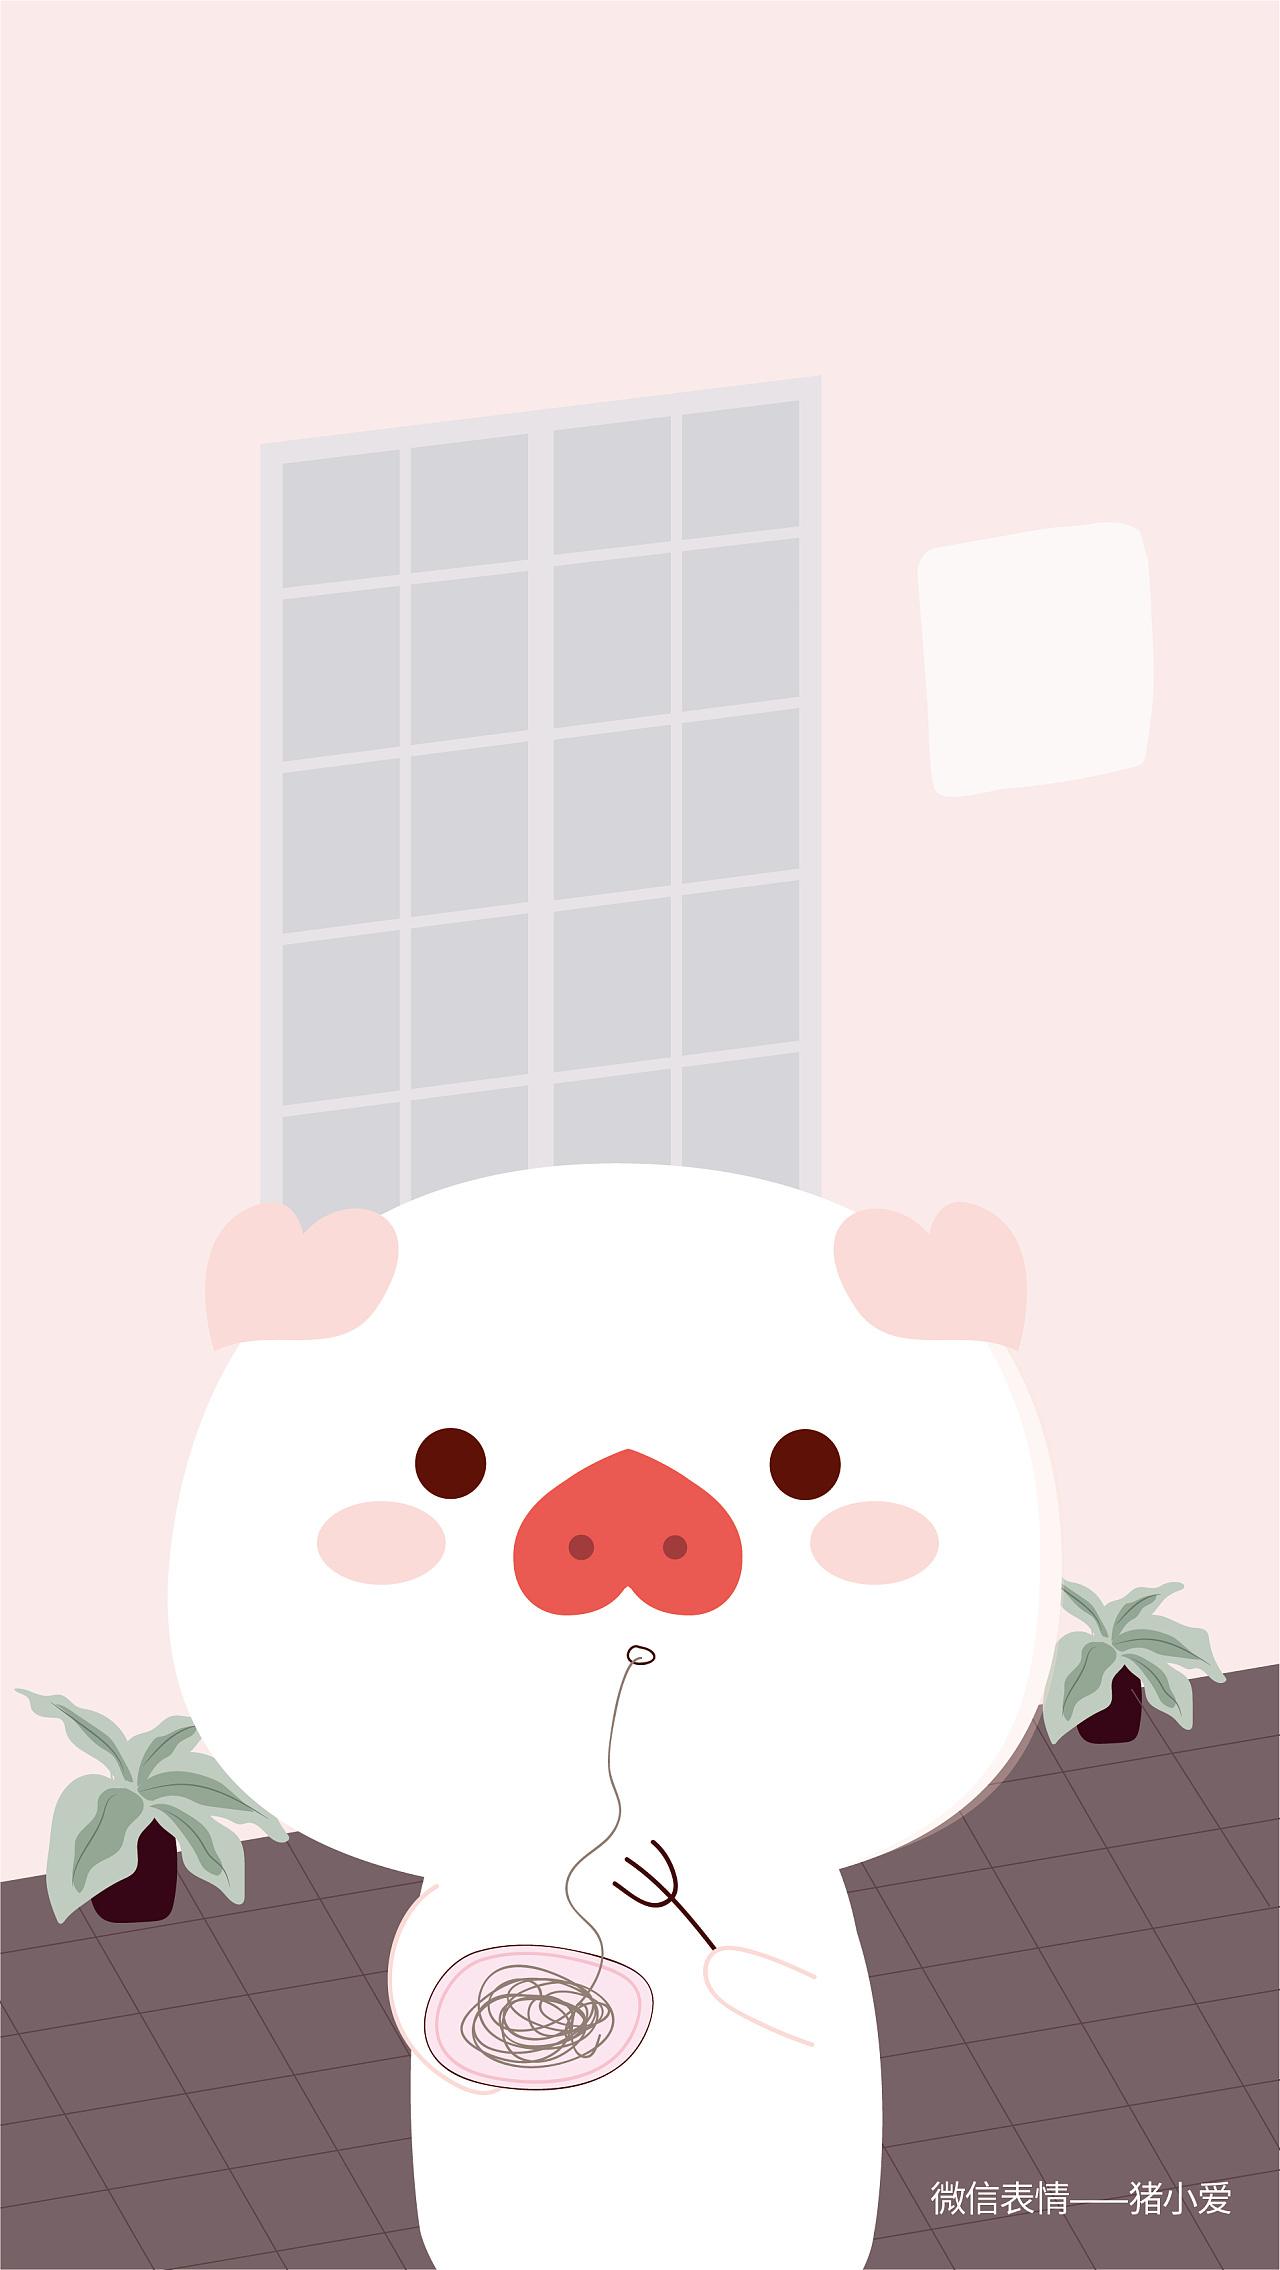 微信表情猪小爱猪年大吉猪表情可爱表情包悔过的图片